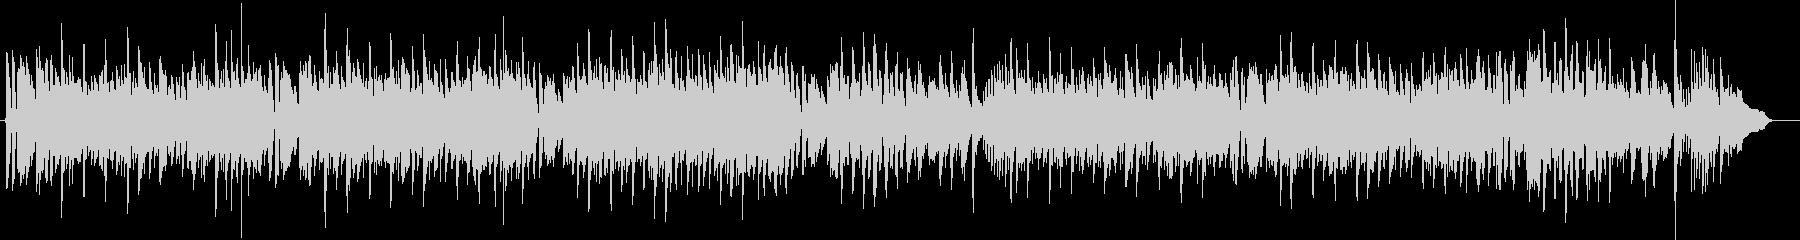 カントリー・サザンロック系アコギ合奏の未再生の波形